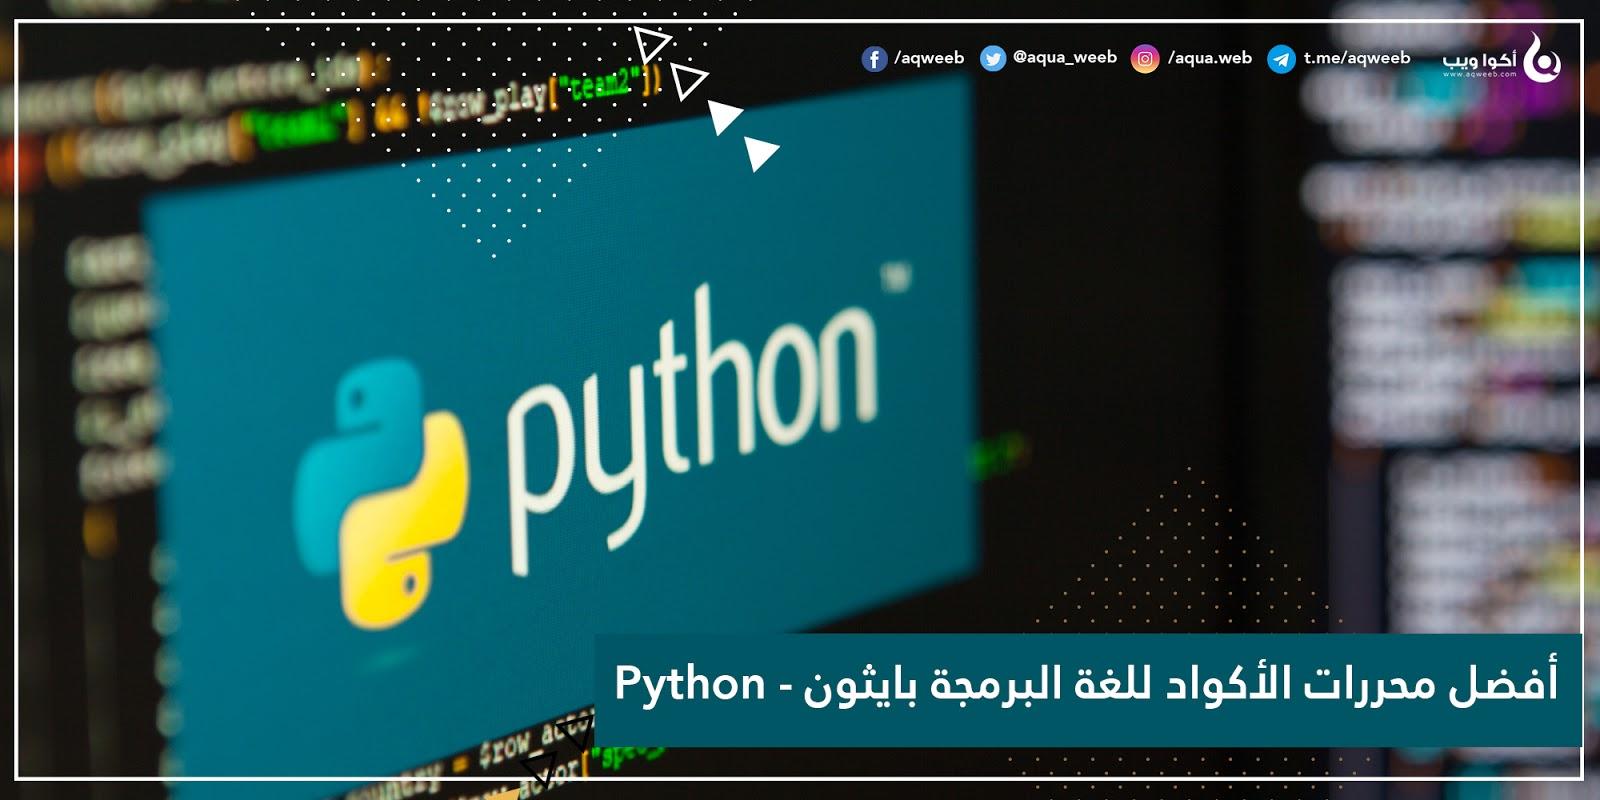 أفضل محررات الأكواد للغة البرمجة بايثون - Python